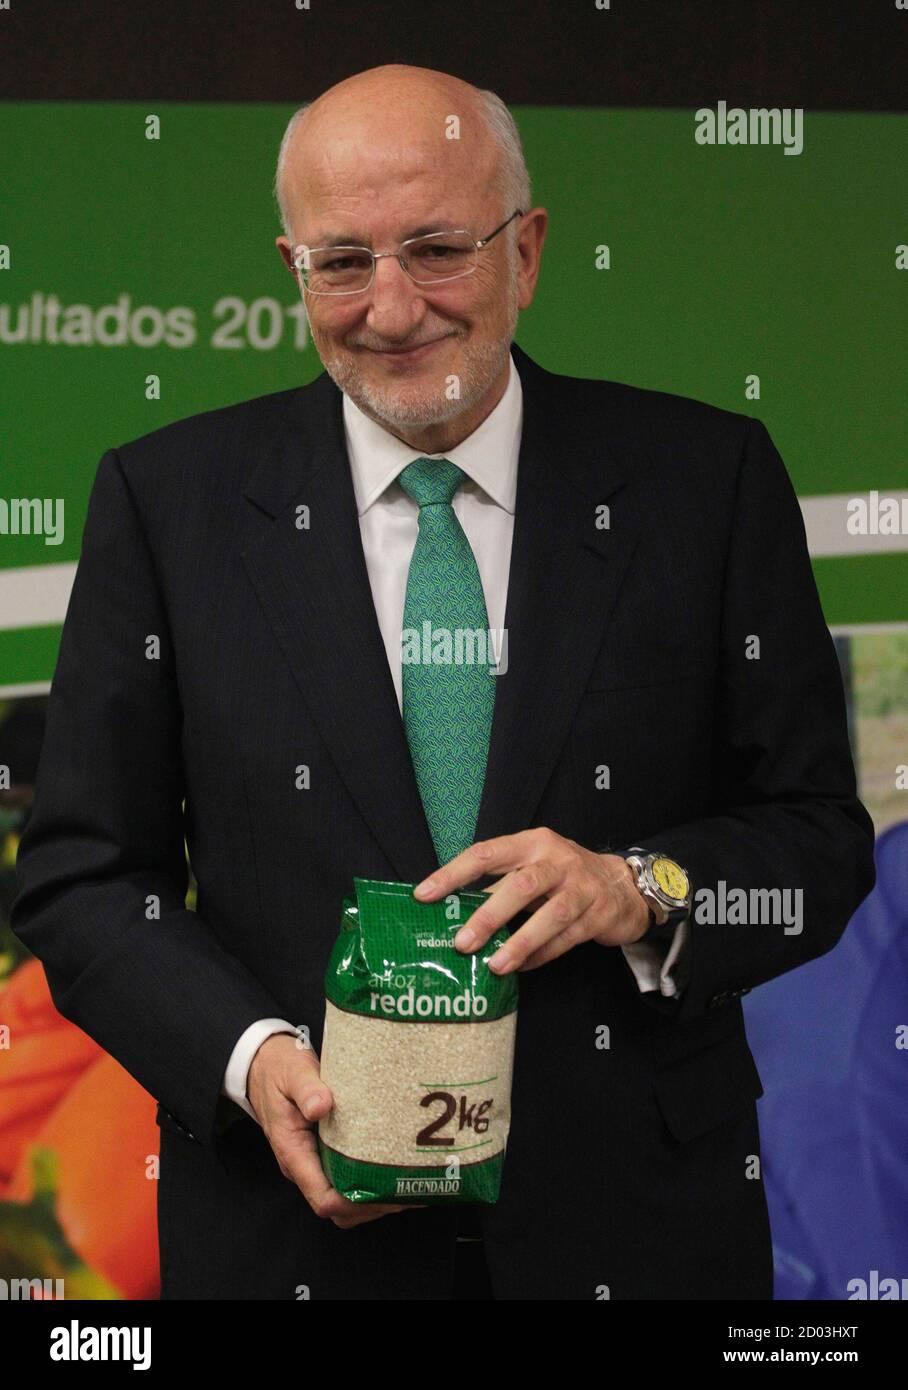 juan-roig-director-ejecutivo-de-la-cadena-de-supermercados-mercadona-tiene-una-bolsa-de-arroz-durante-una-reunion-con-los-medios-de-comunicacion-en-valencia-el-5-de-marzo-de-2015-mercadona-lider-del-sector-minorista-en-espana-anuncio-el-jueves-una-mejora-del-beneficio-neto-en-2014-de-un-5-por-ciento-a-543-millones-de-euros-aunque-mostro-una-ligera-disminucion-en-las-ventas-en-espacios-comparables-reuters-heino-kalis-espana-tags-negocios-2d03hxt.jpg